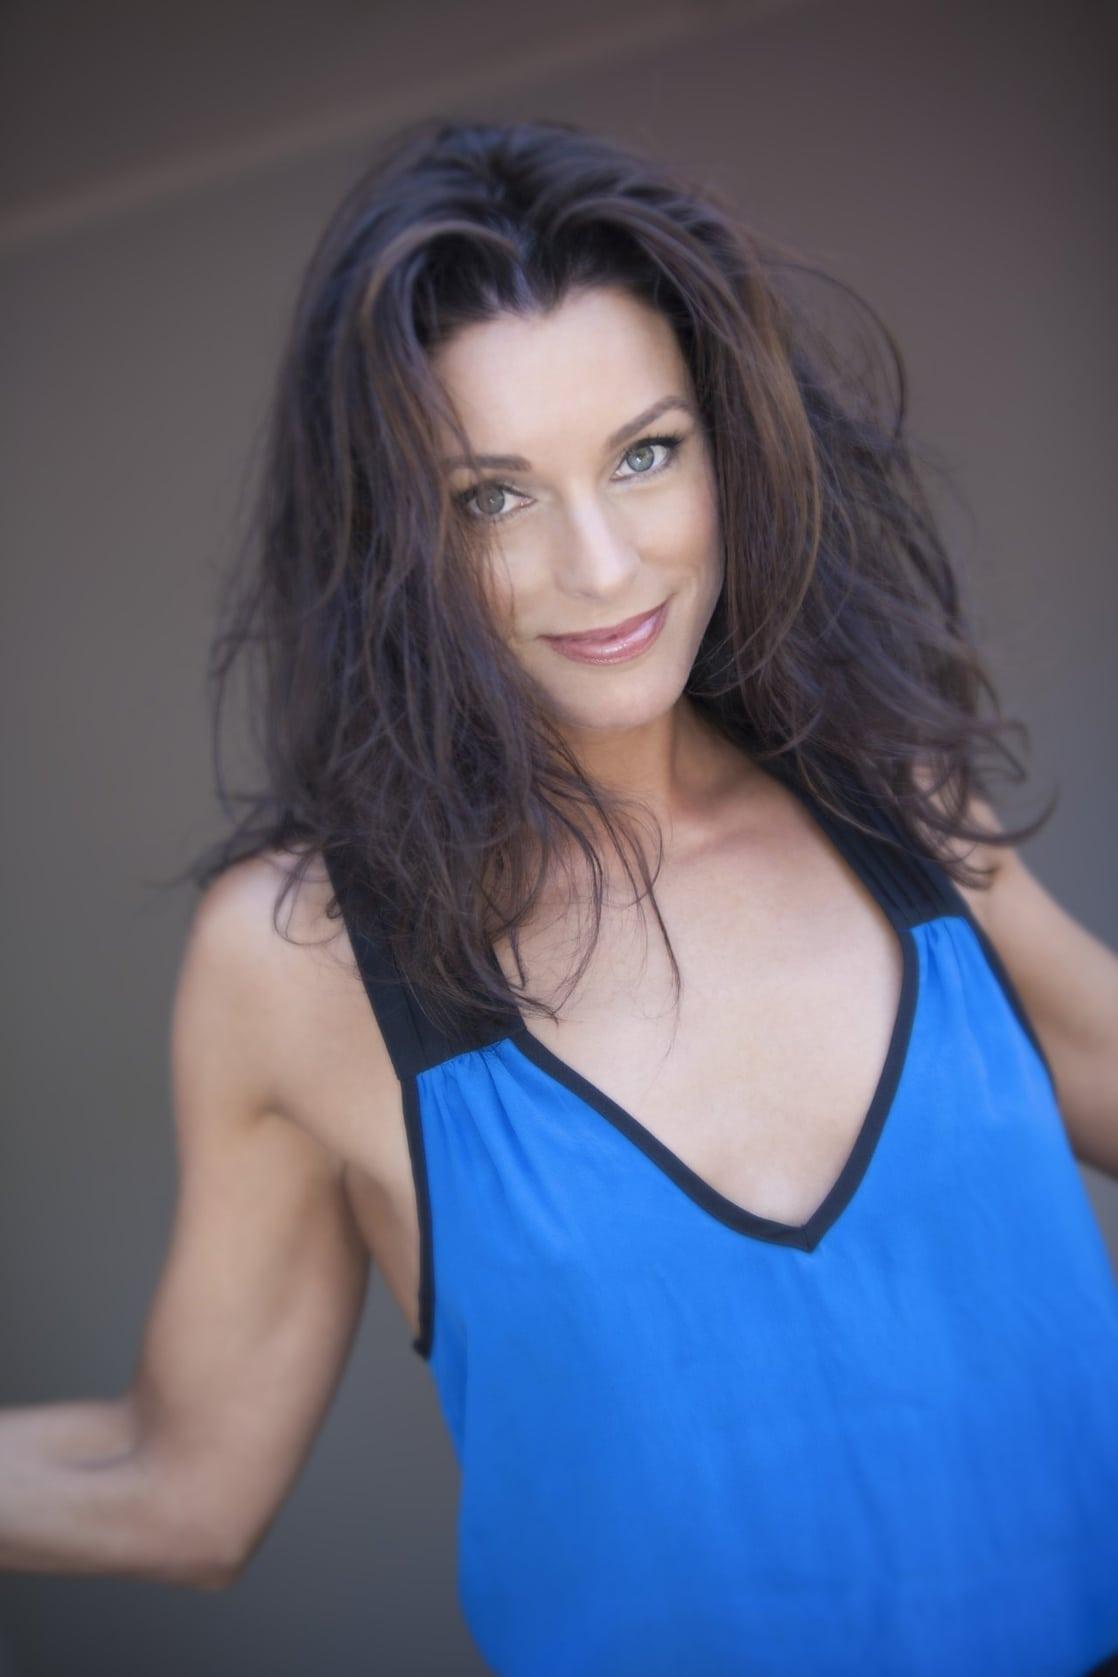 Sarah Deakins